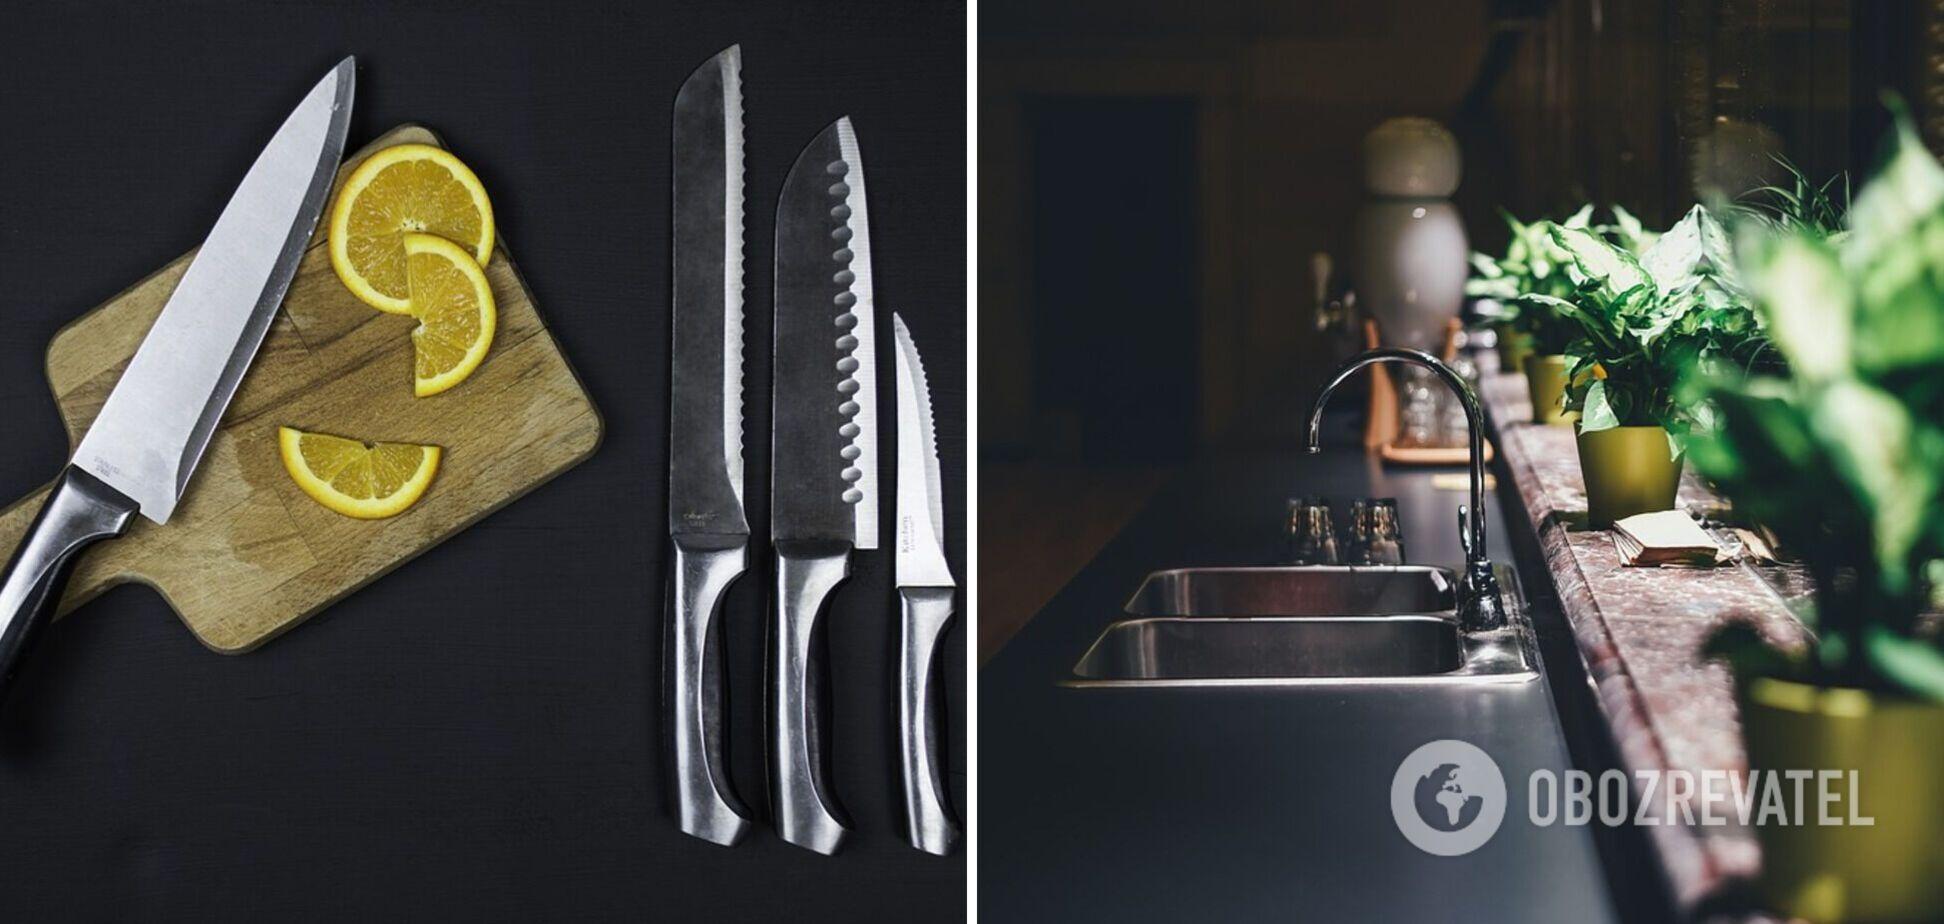 Гениальные лайфхаки на кухне, которые помогут даже опытным хозяйкам: ТОП-5